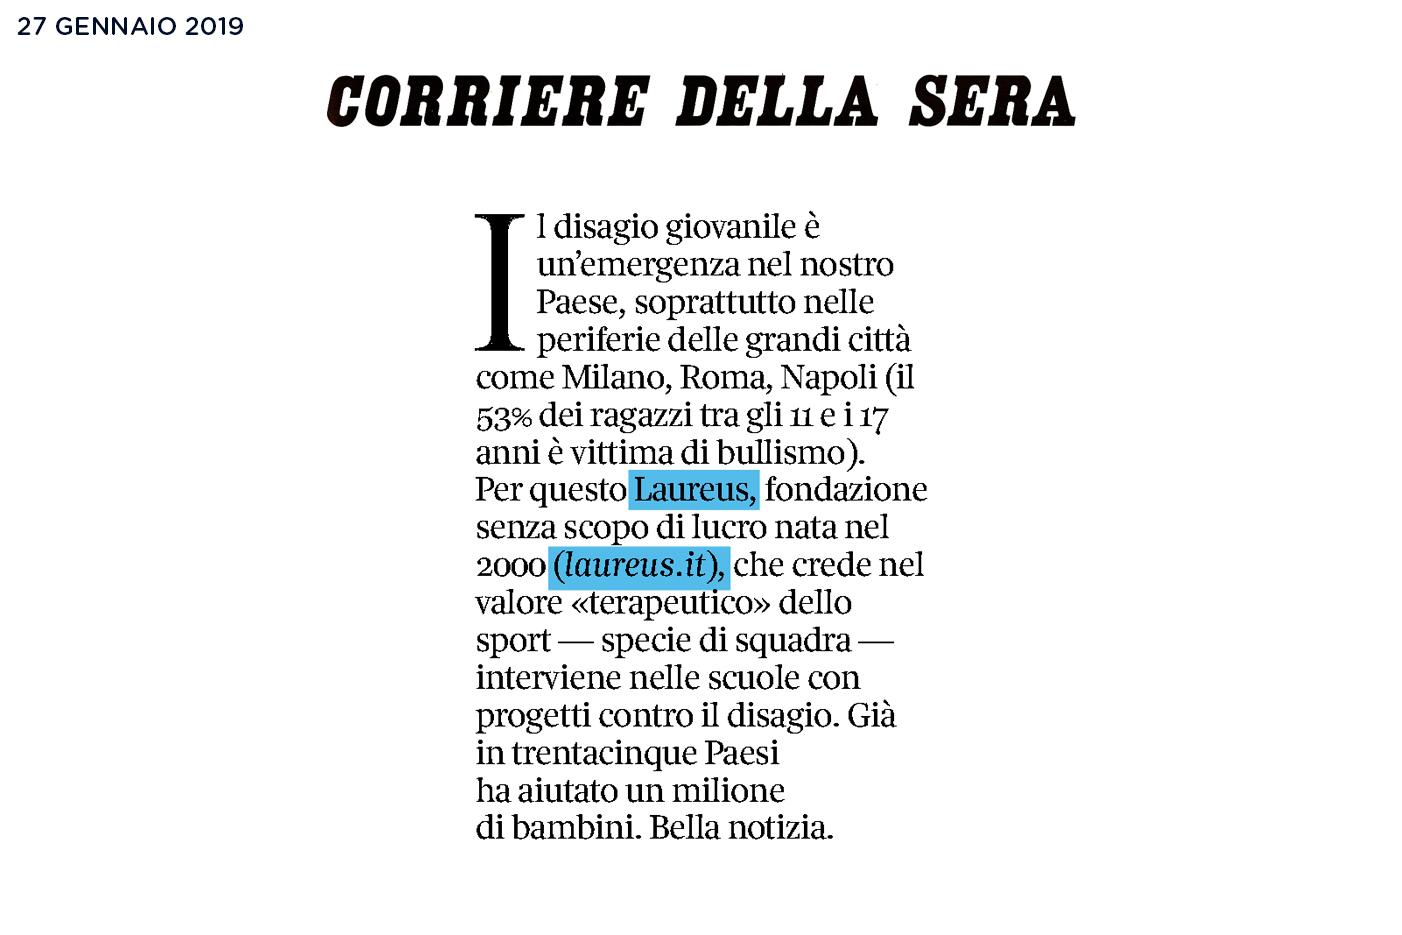 27-01-2019_CORRIERE-DELLA-SERA-MILANO